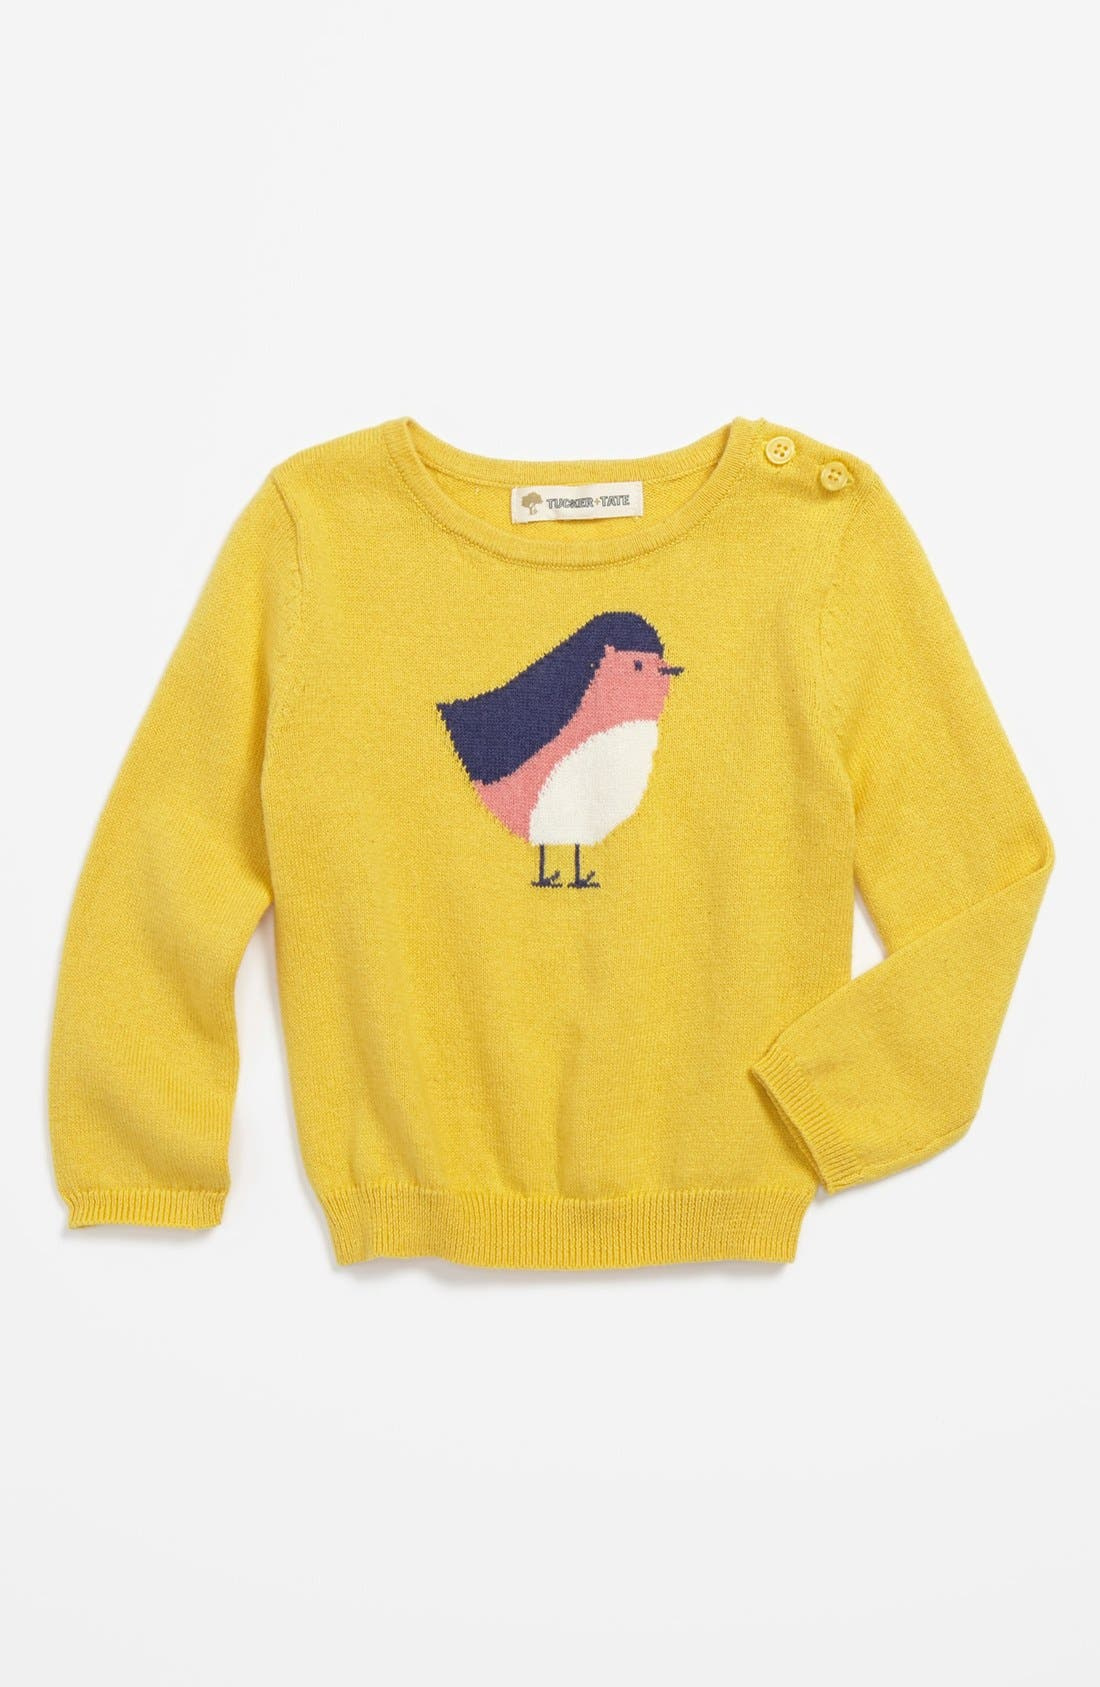 Main Image - Tucker + Tate 'Alexa' Intarsia Sweater (Baby Girls)